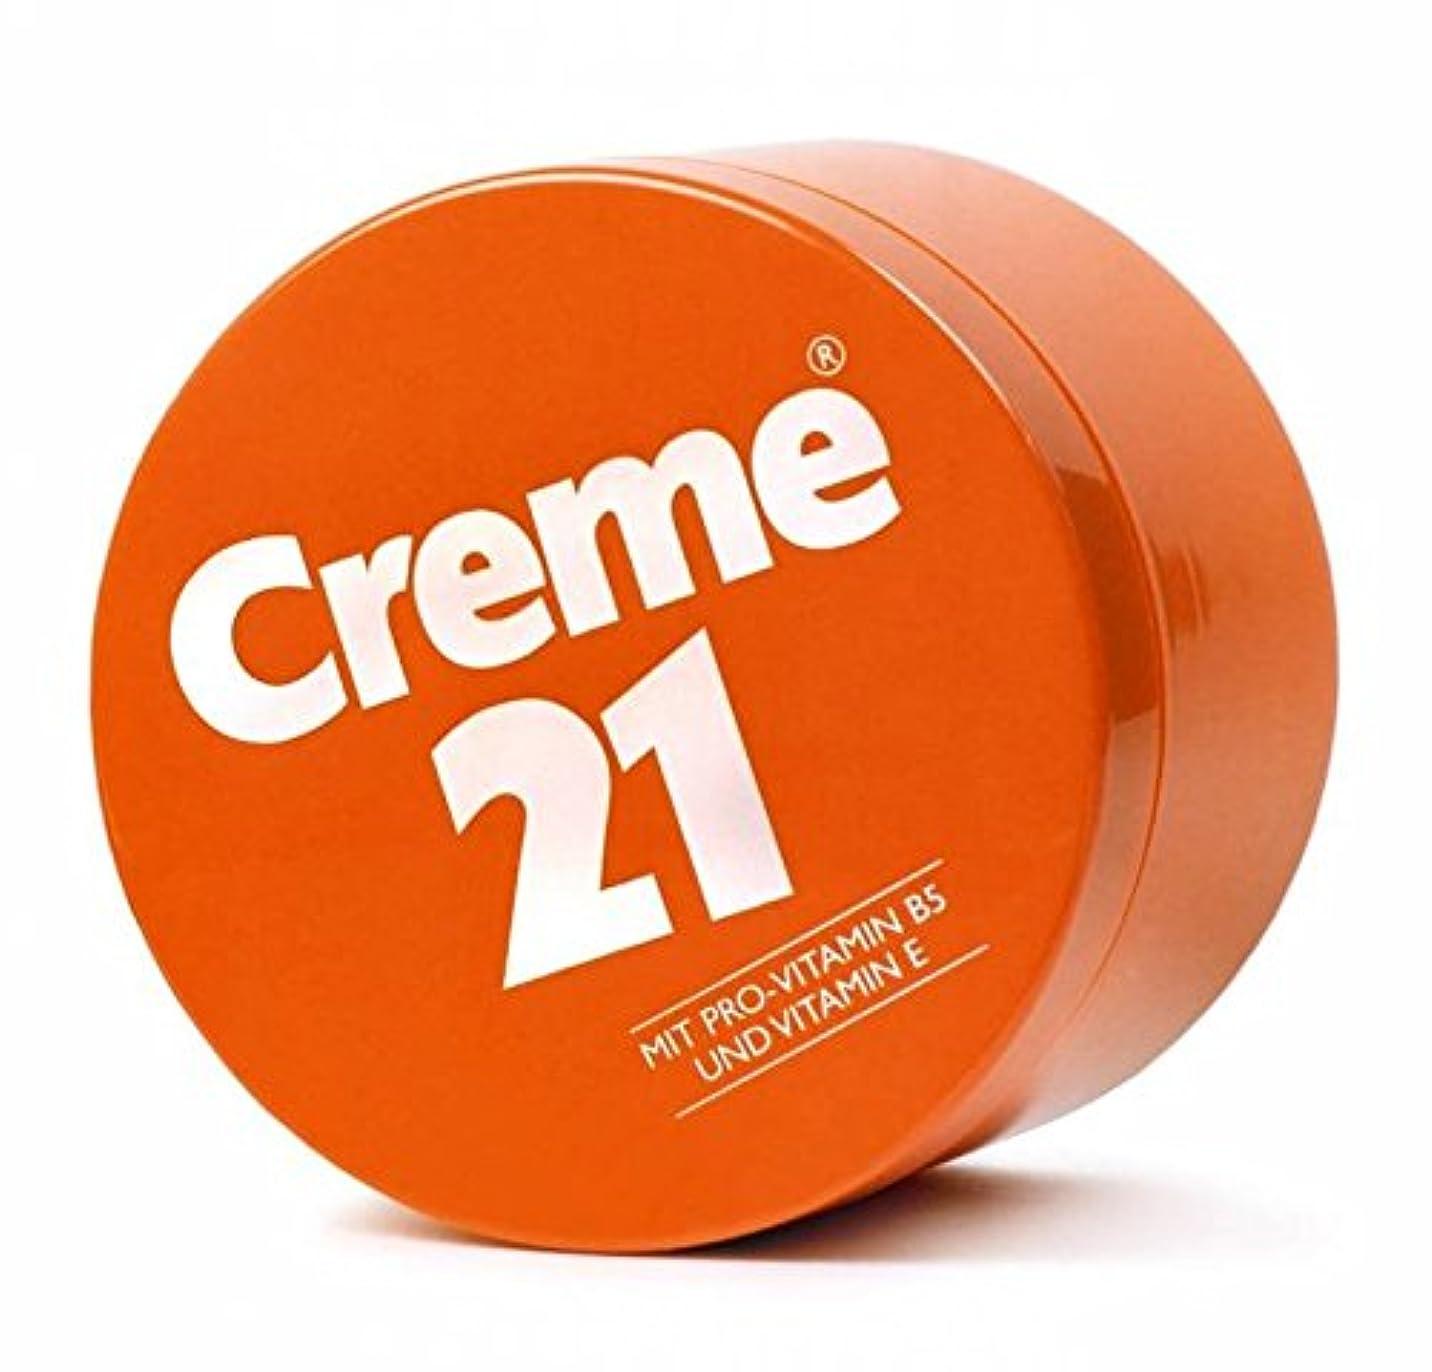 革新驚いたことに経験クリーム21 スキンケアクリーム 250ml 3個 [並行輸入品] [海外直送品]